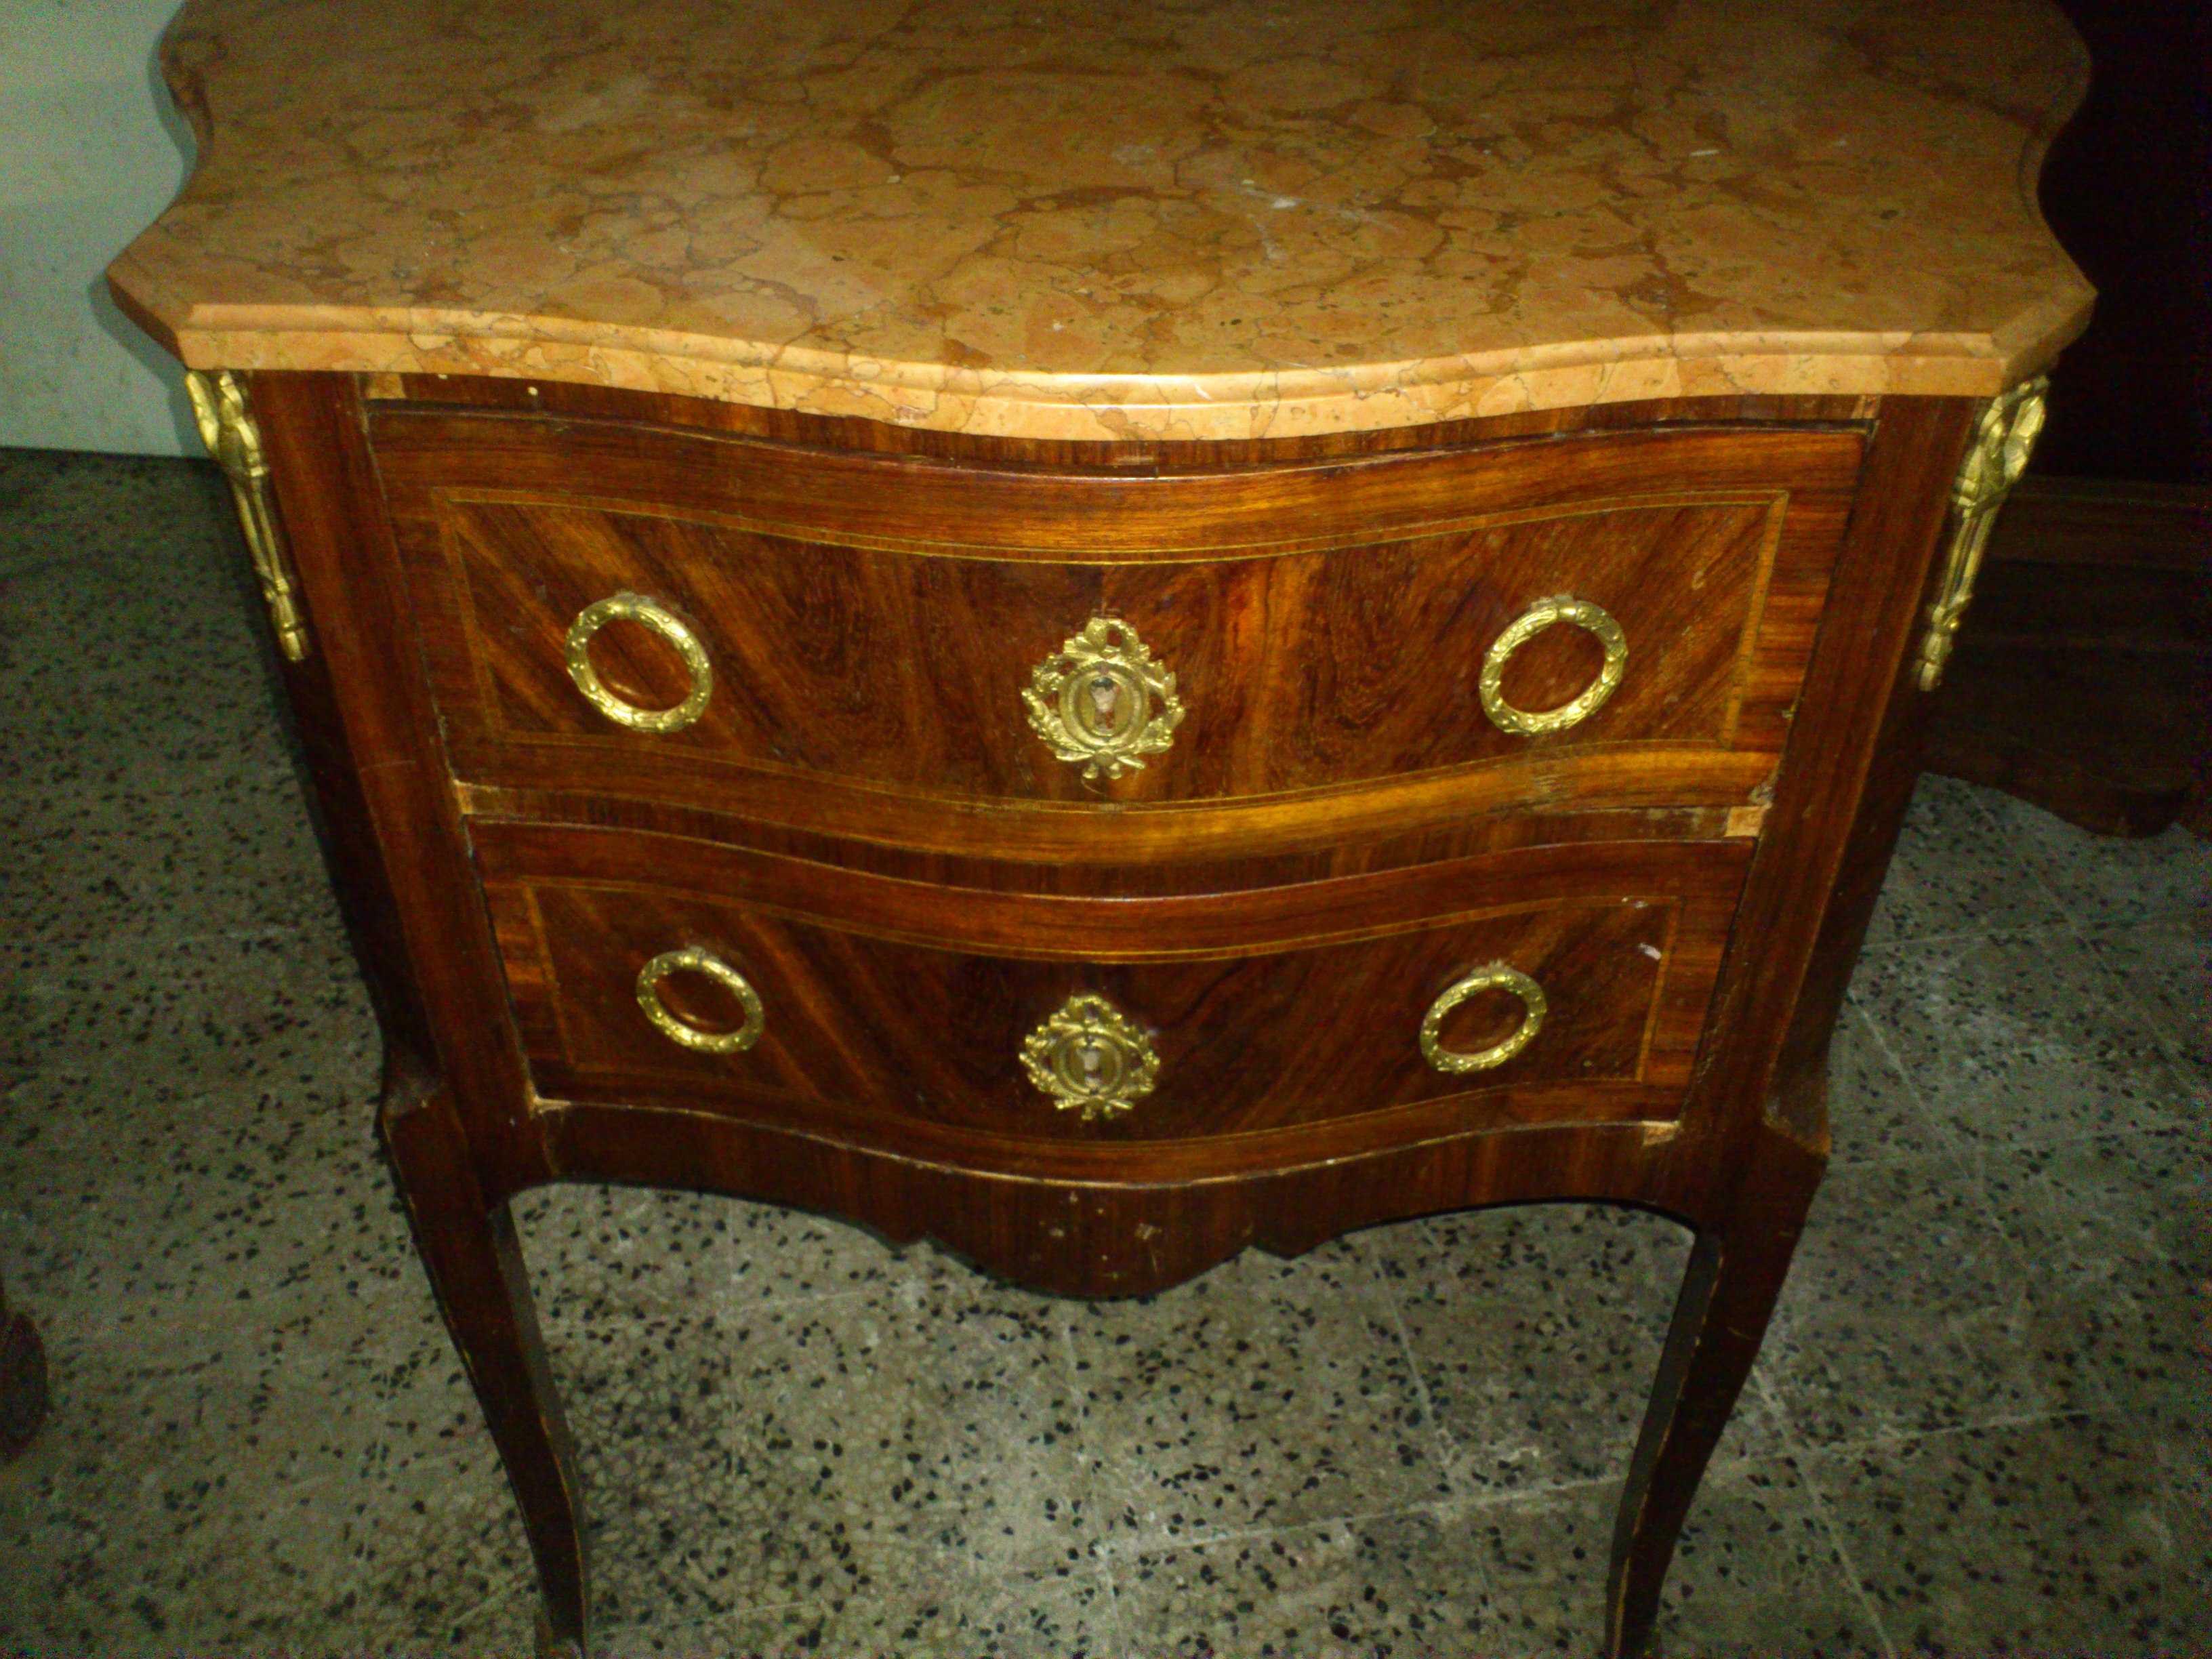 Commode arredamento mobili antiquariato musetti - Riconoscere mobili antichi ...